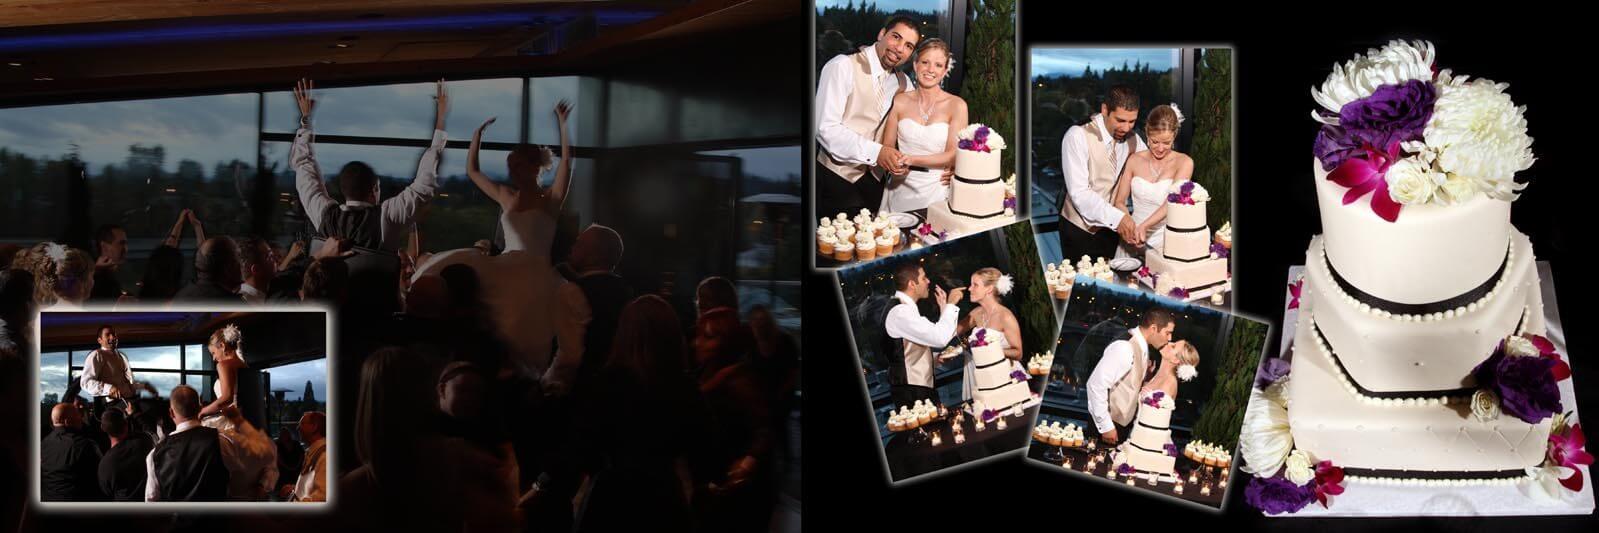 The-Vue-Indoor-Wedding-Venue-Corvallis-Oregon-wedding-photographers046-047.jpg